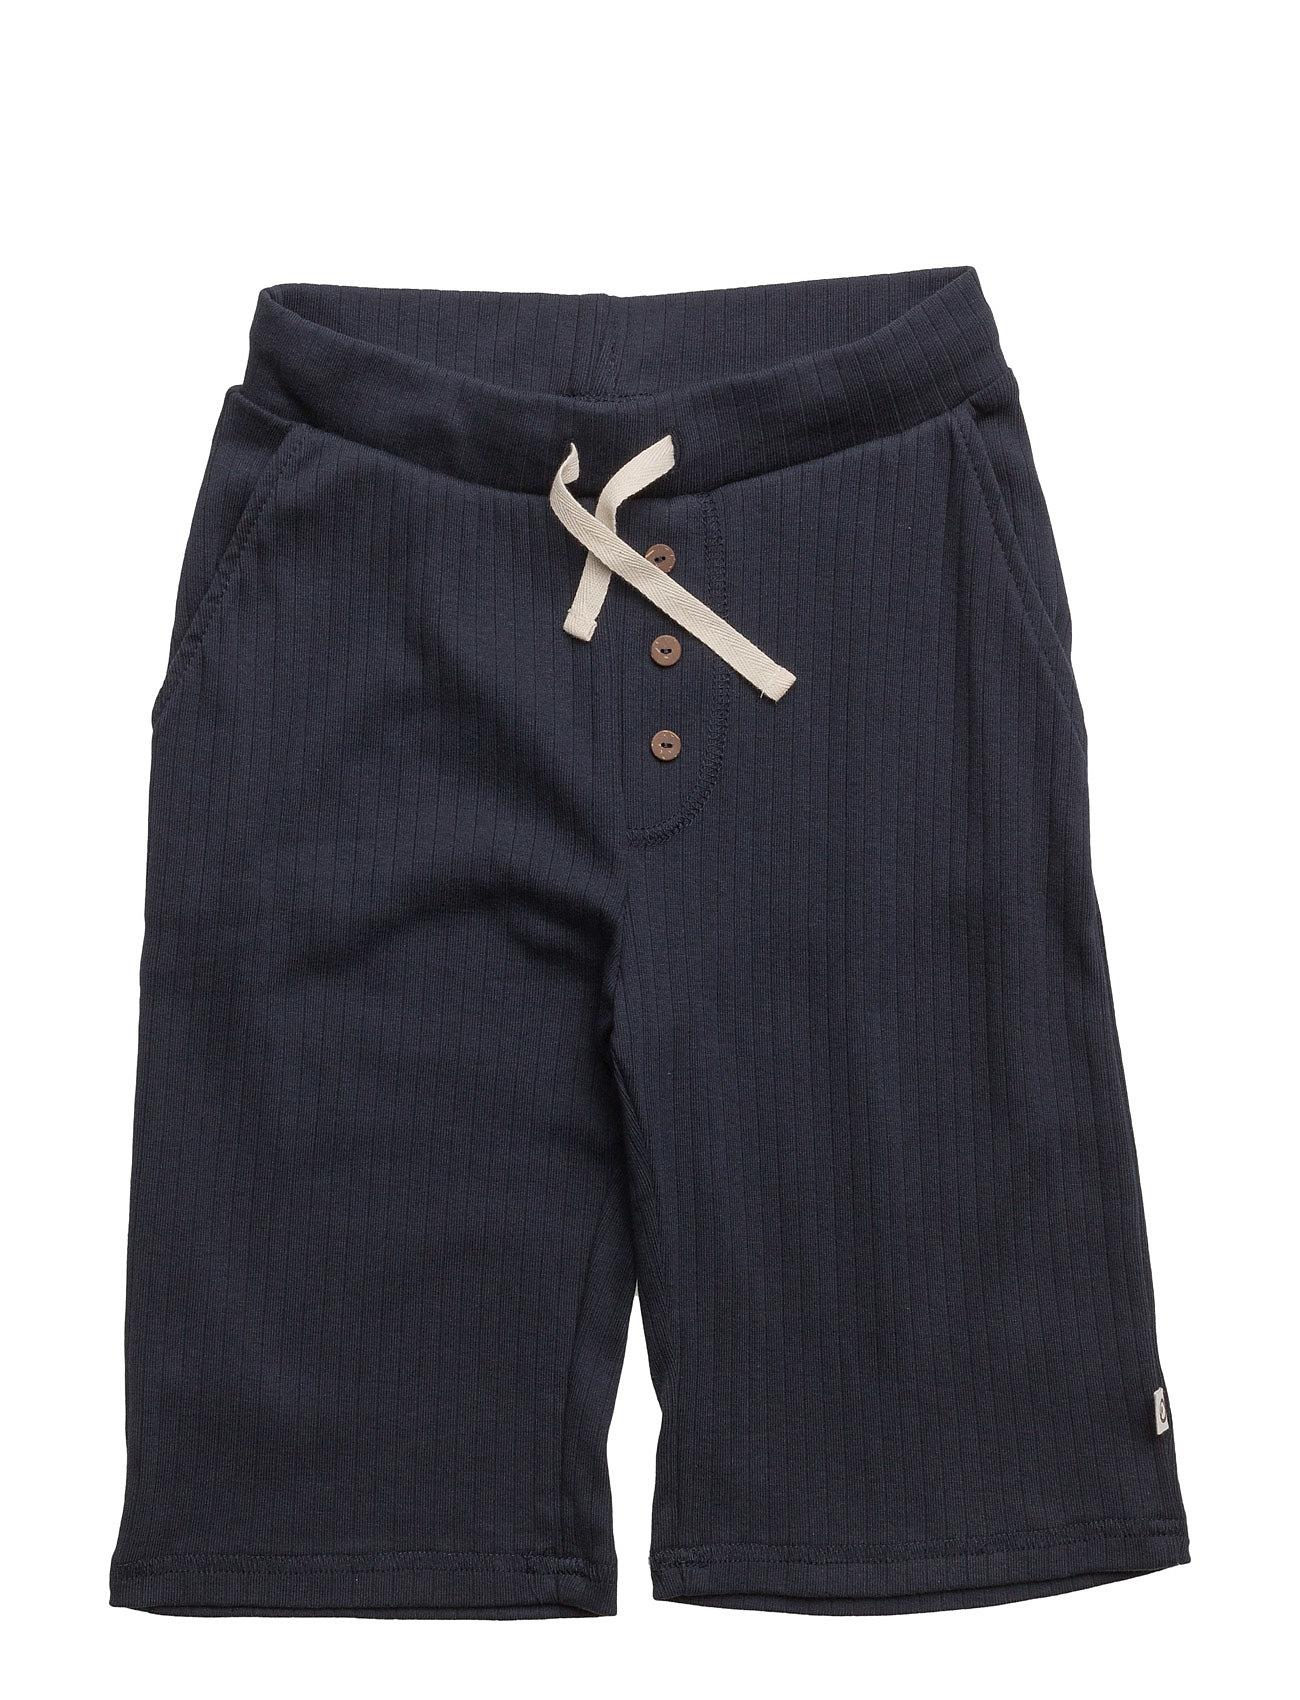 Cozy Shorts Müsli by Green Cotton  til Børn i Navy blå